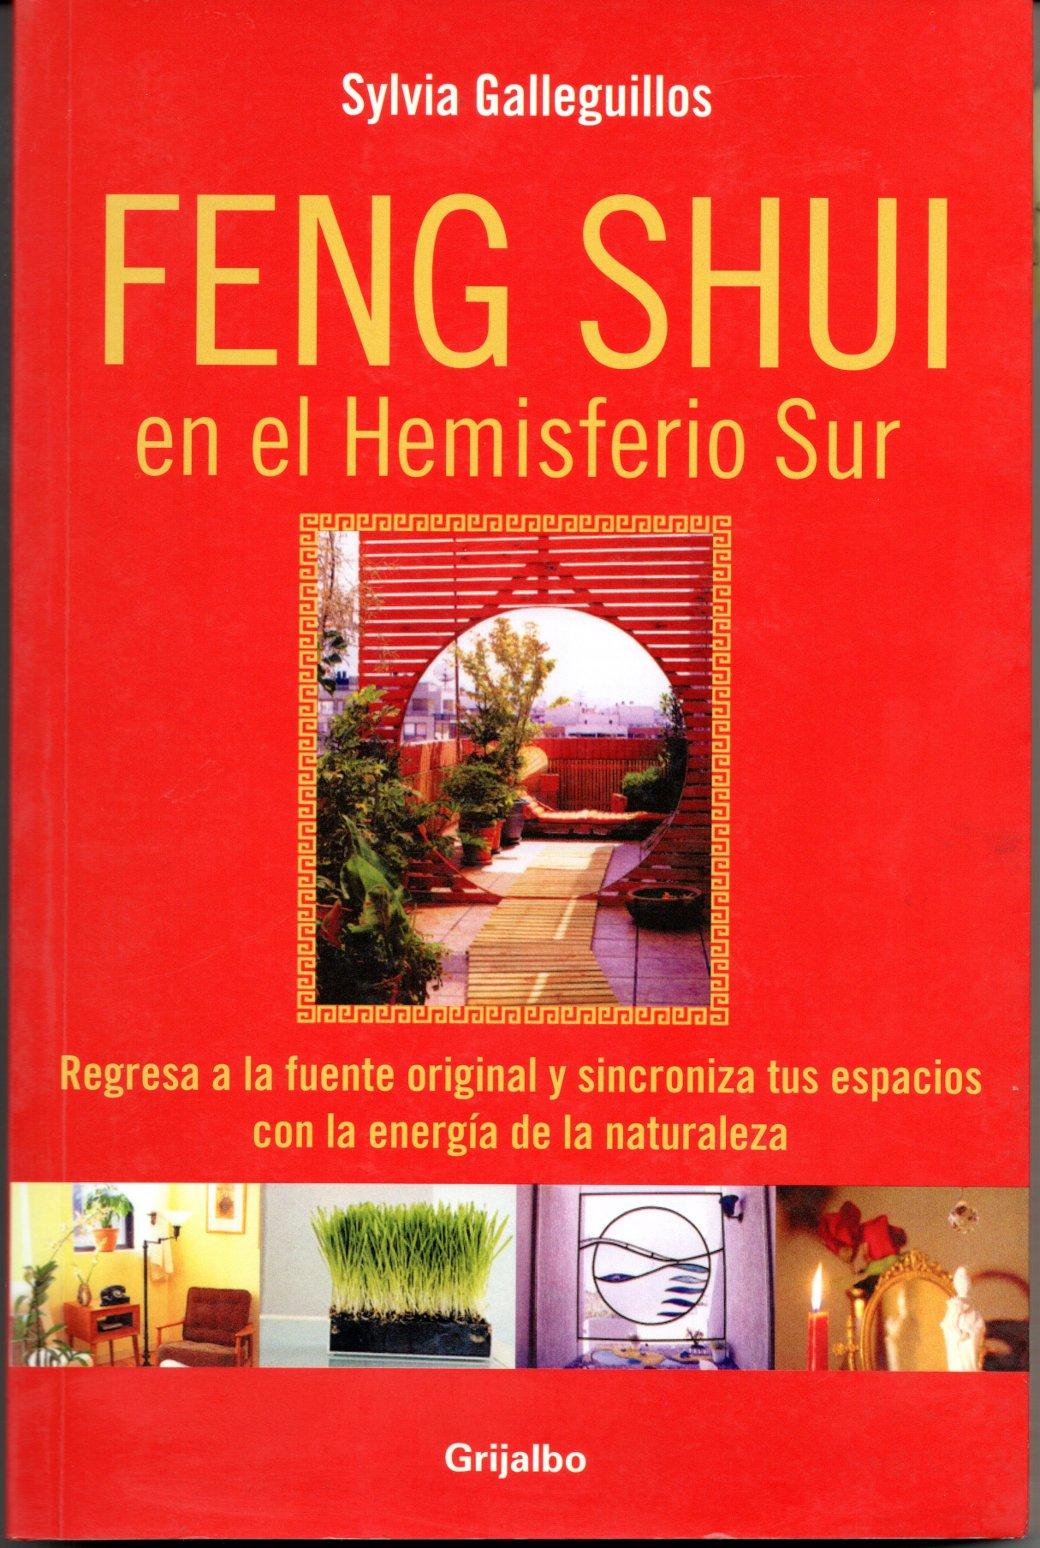 Feng shui en el hemisferio sur random house 2006 de - Libros feng shui ...